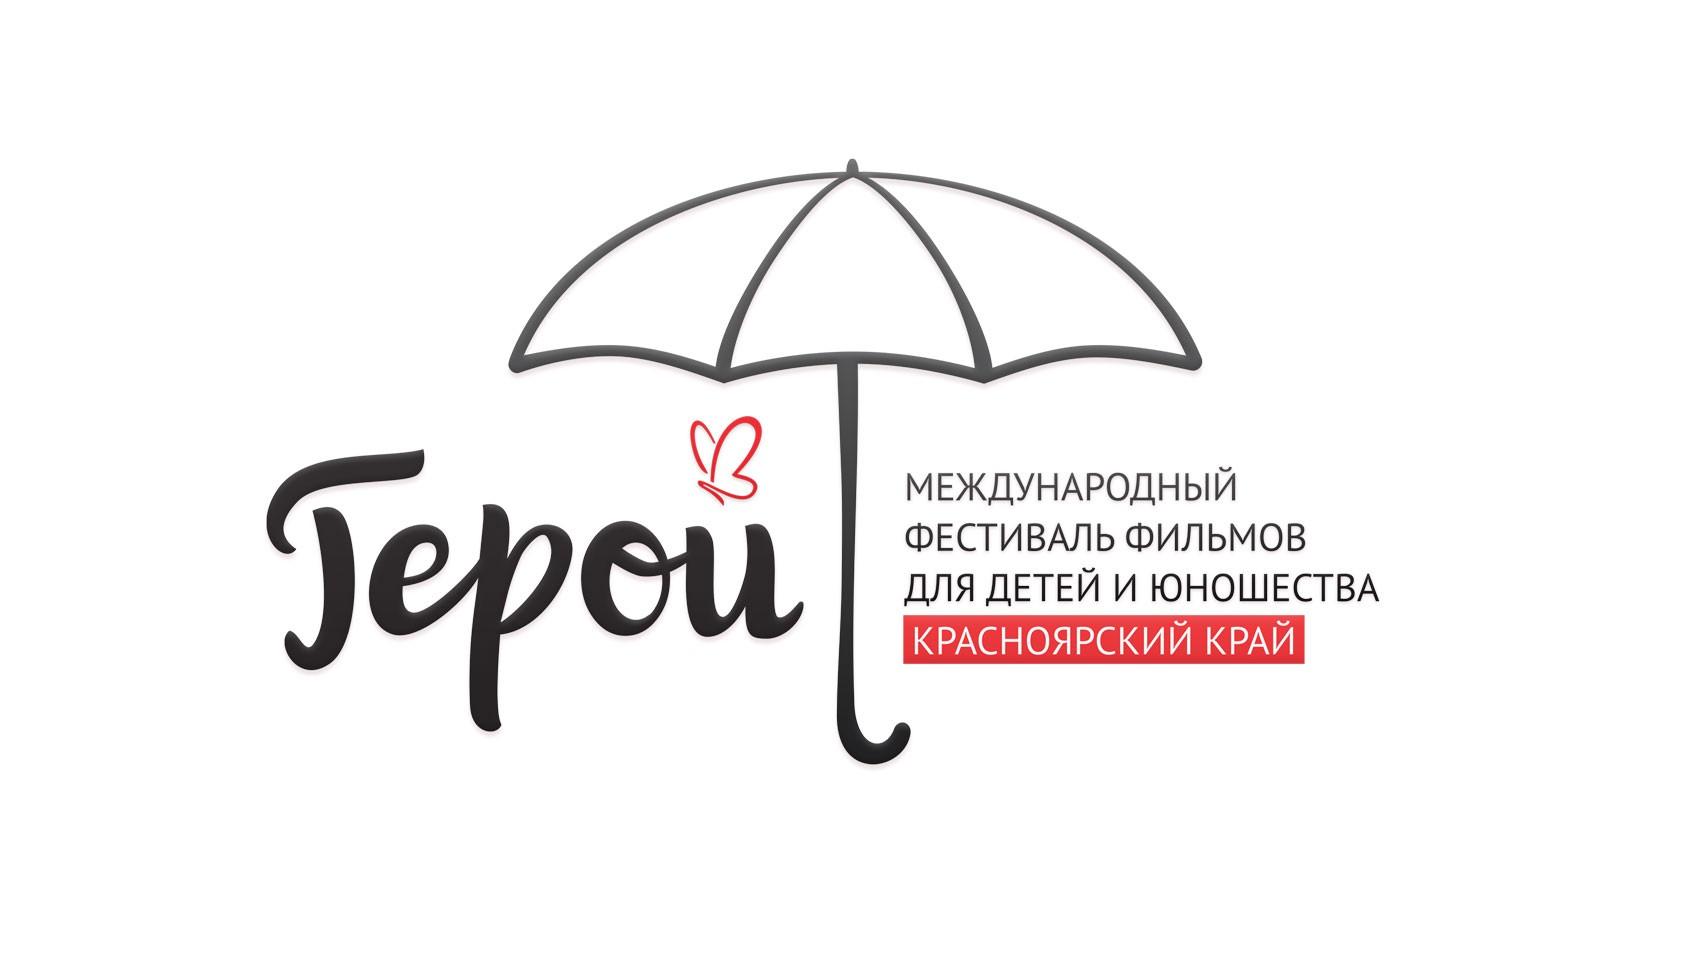 Завершился Международный фестиваль фильмов для детей и юношества «Герой»